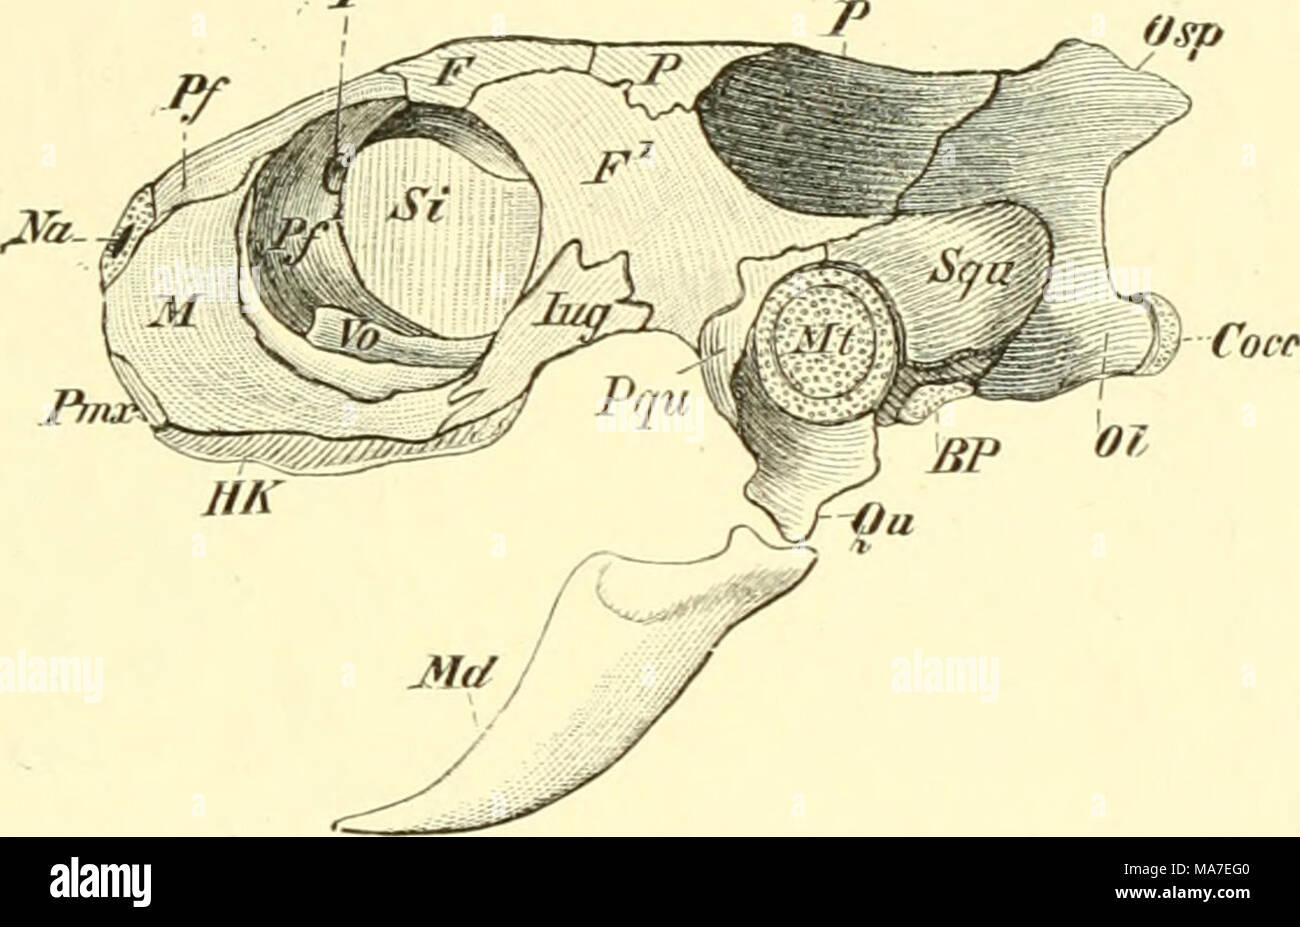 Atemberaubend Wirbeltiere Vergleichende Anatomie Fotos - Anatomie ...